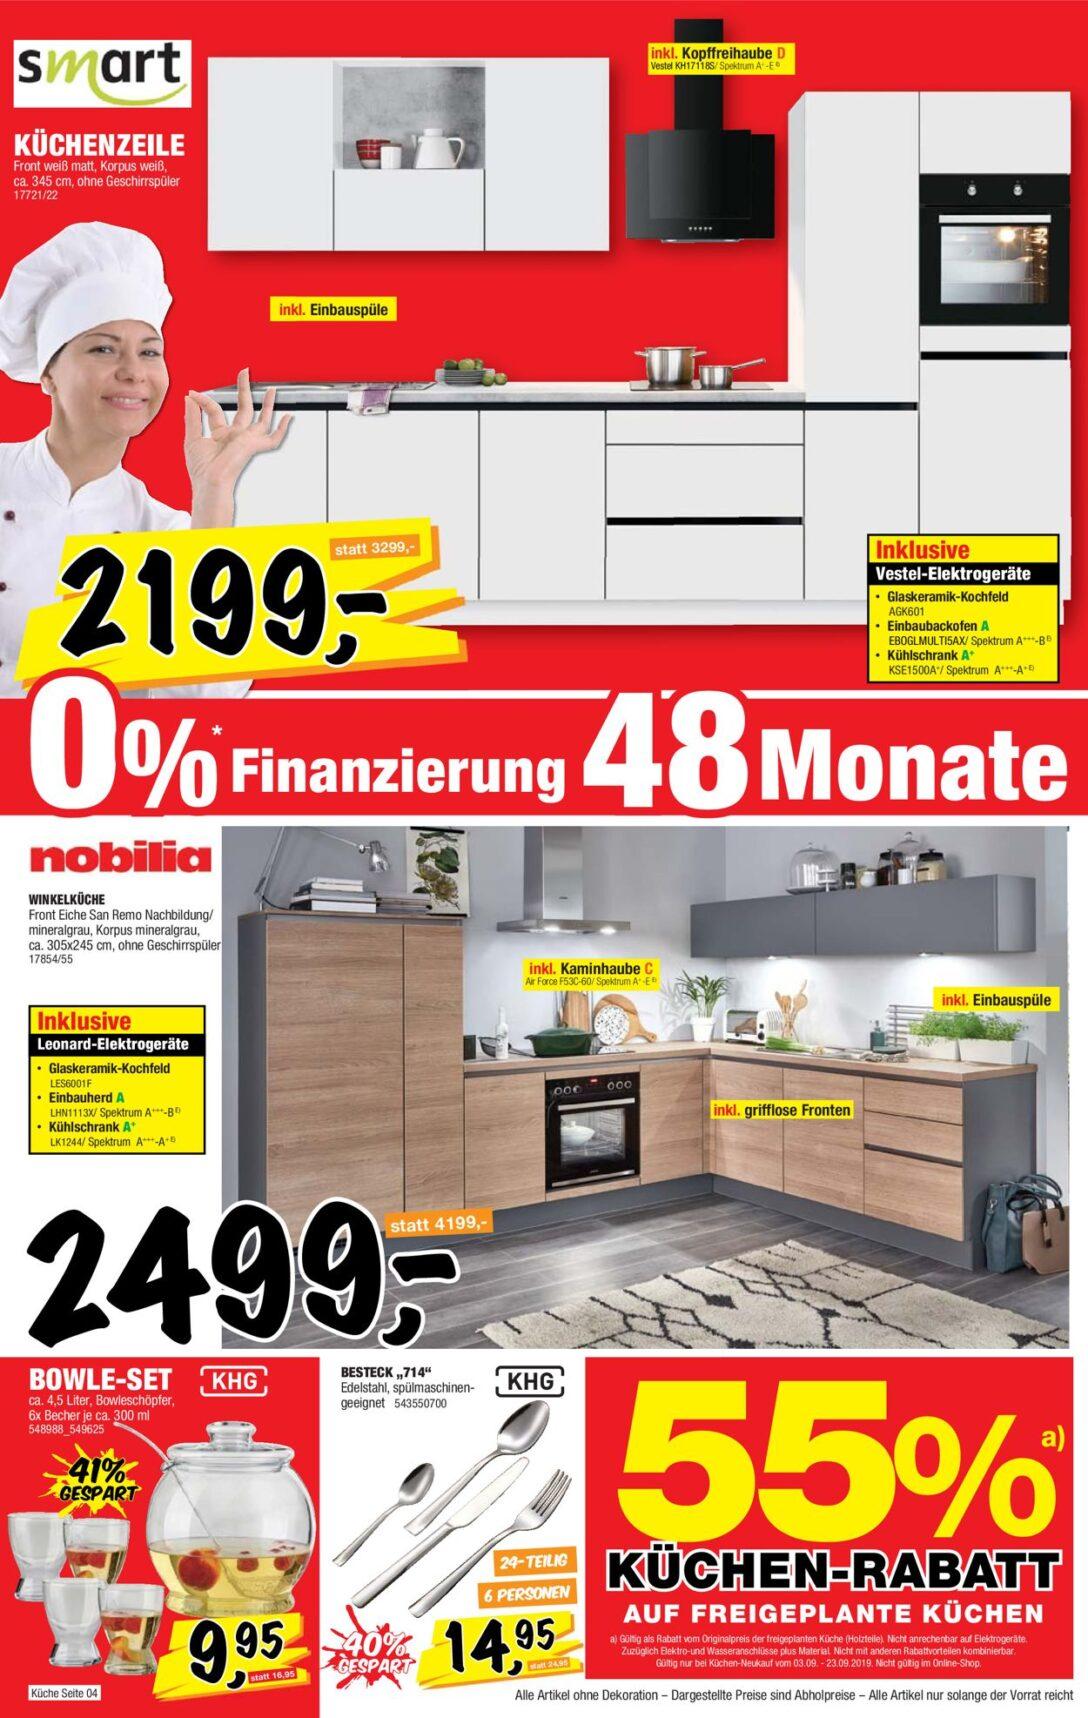 Large Size of Sconto Aktueller Prospekt 0309 23092019 16 Jedewoche Küchen Regal Wohnzimmer Sconto Küchen